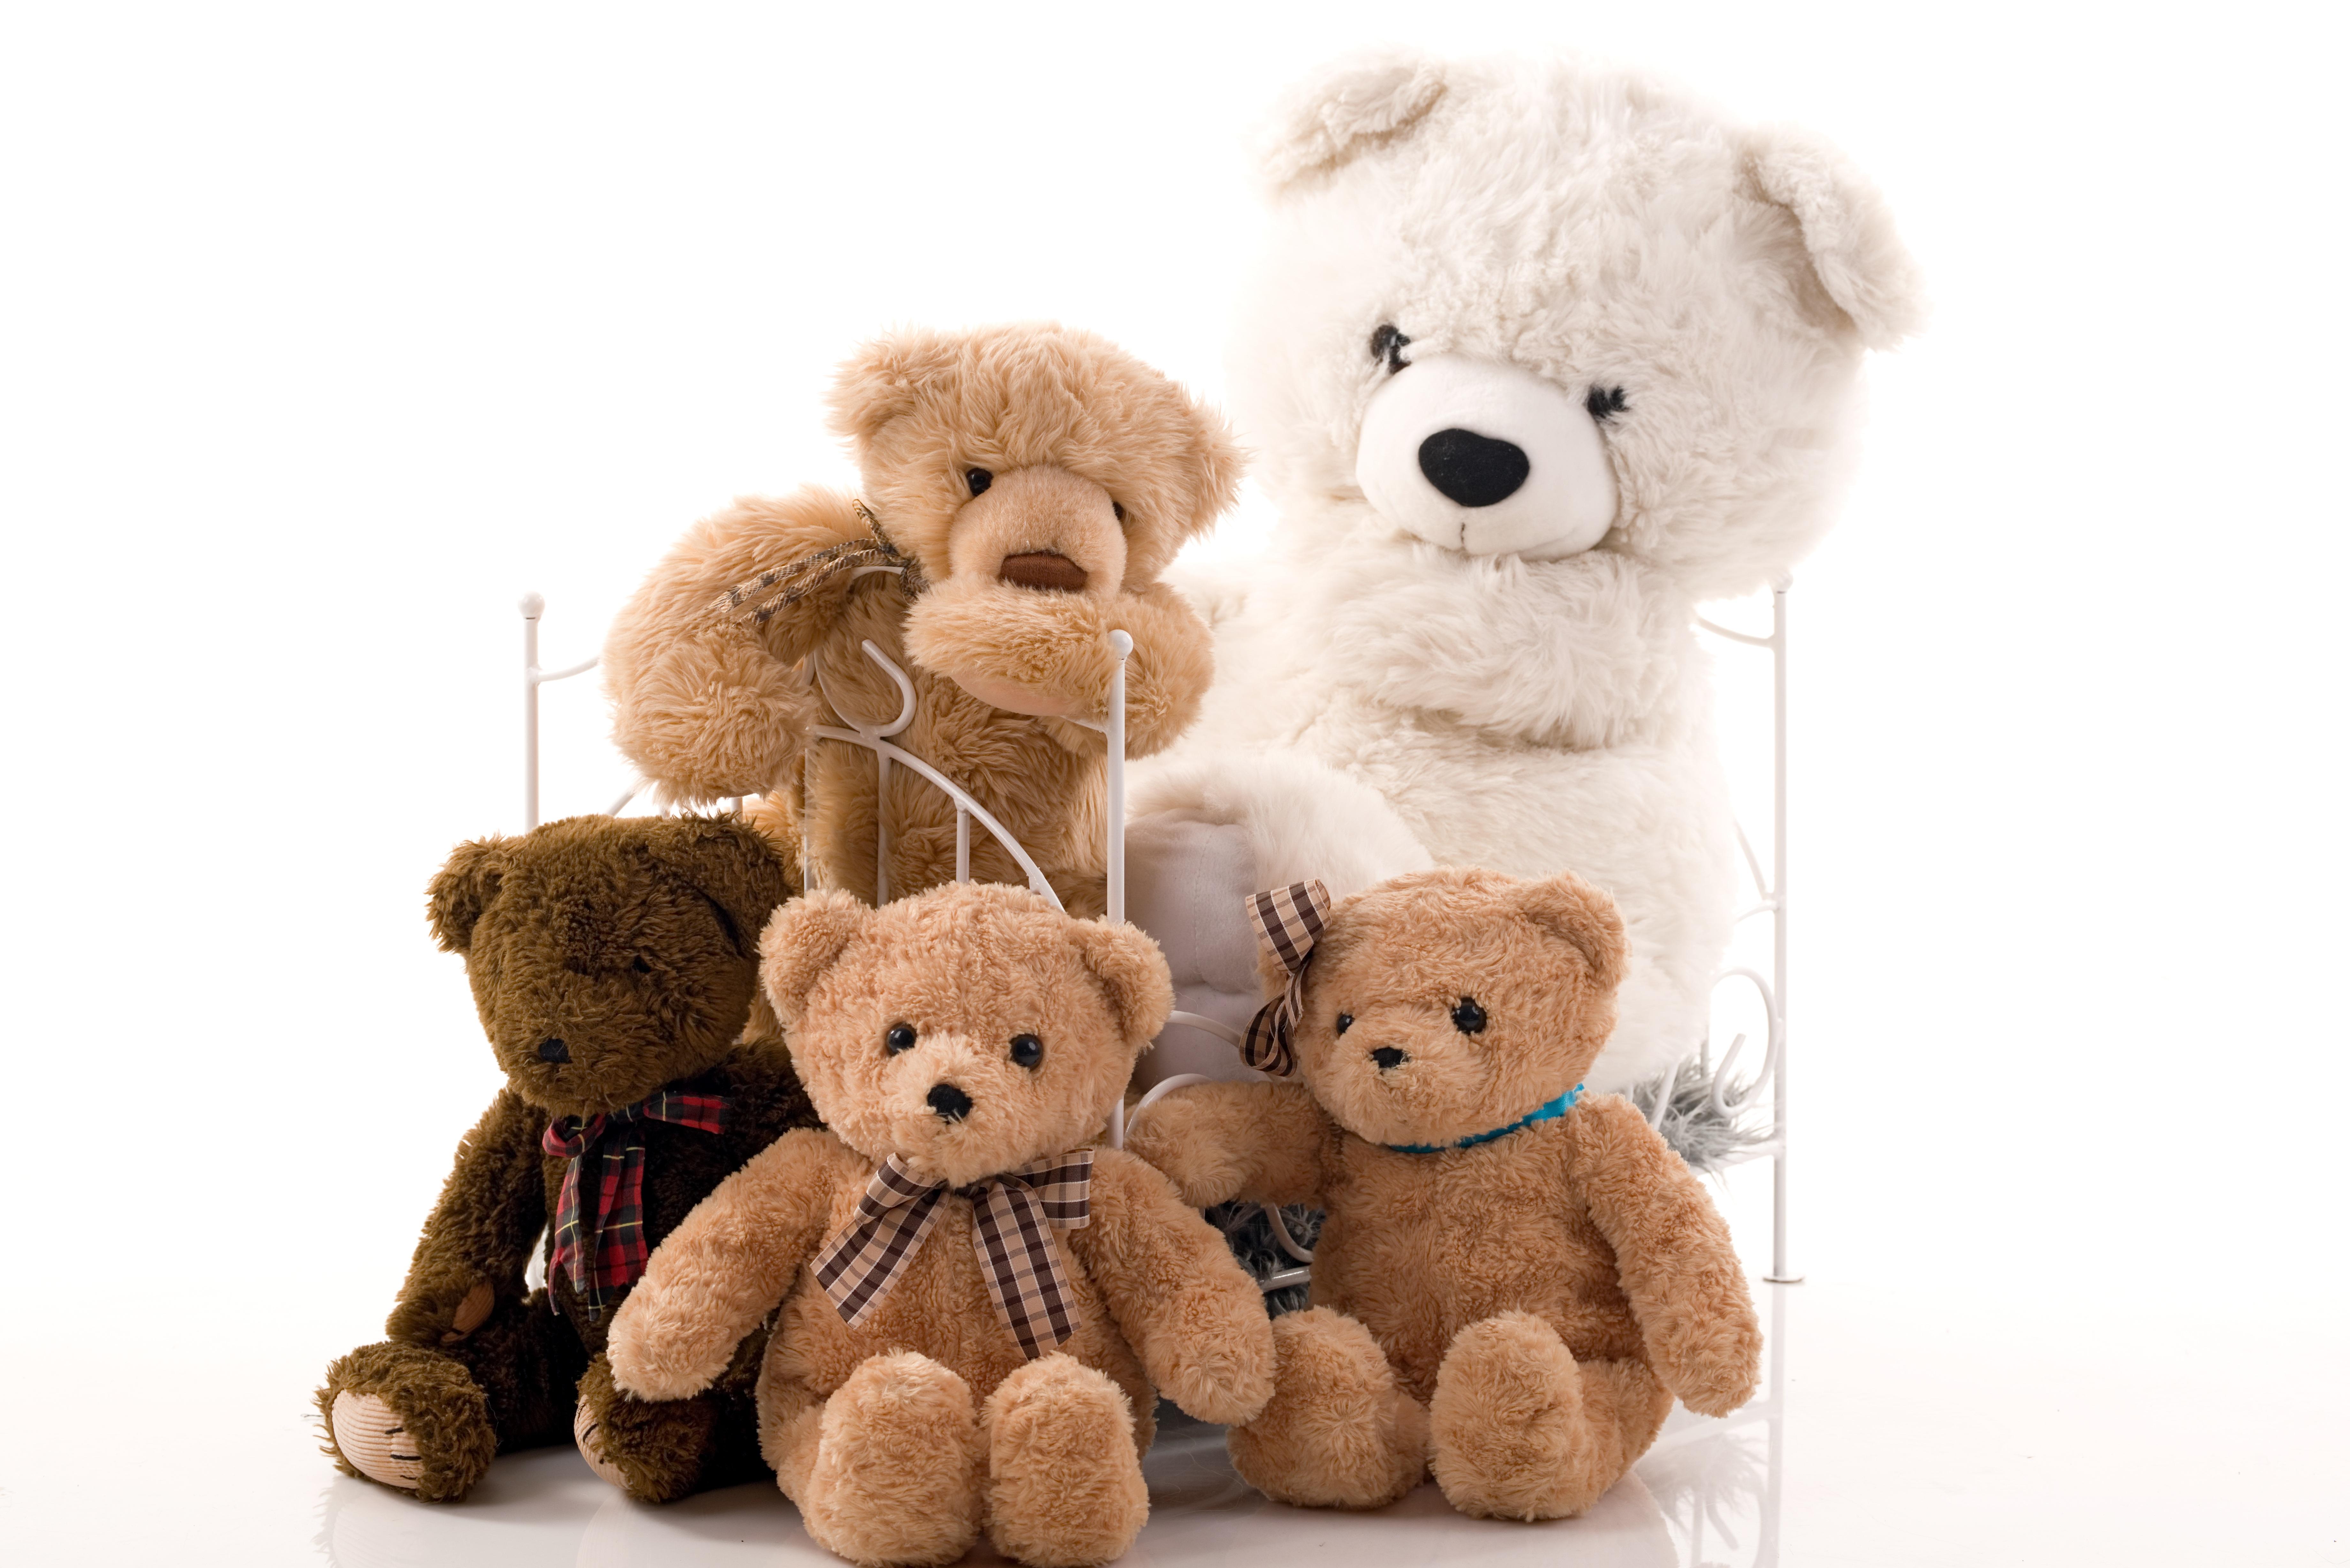 Kostenlose foto : Gruppe, Weiß, Studio, braun, Spielzeug, Teddybär ...